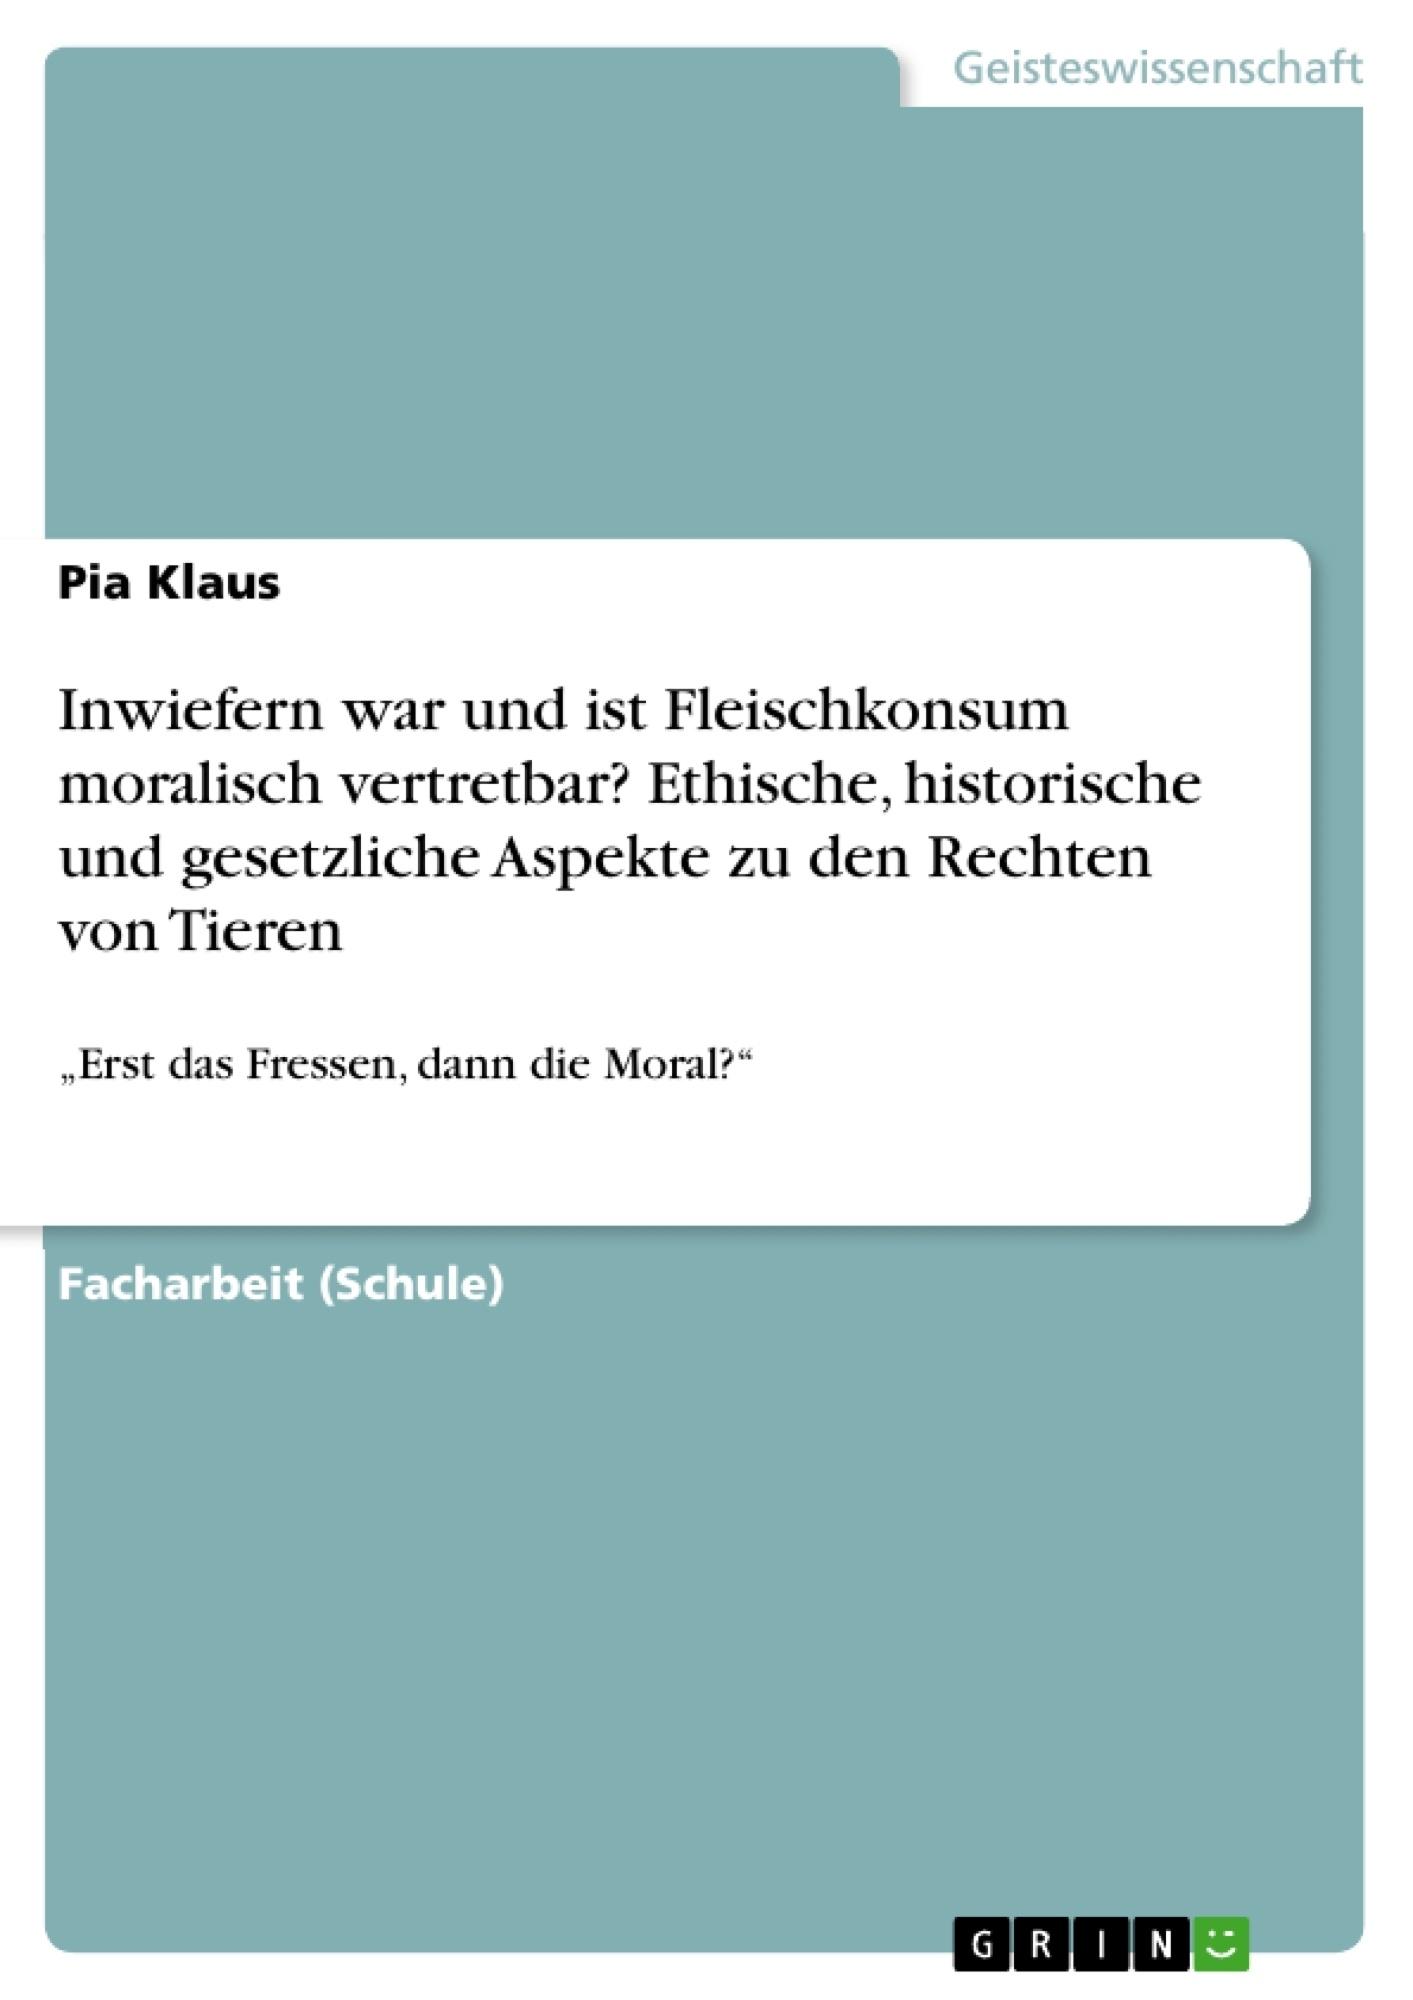 Titel: Inwiefern war und ist  Fleischkonsum moralisch vertretbar? Ethische, historische und gesetzliche Aspekte zu den Rechten von Tieren